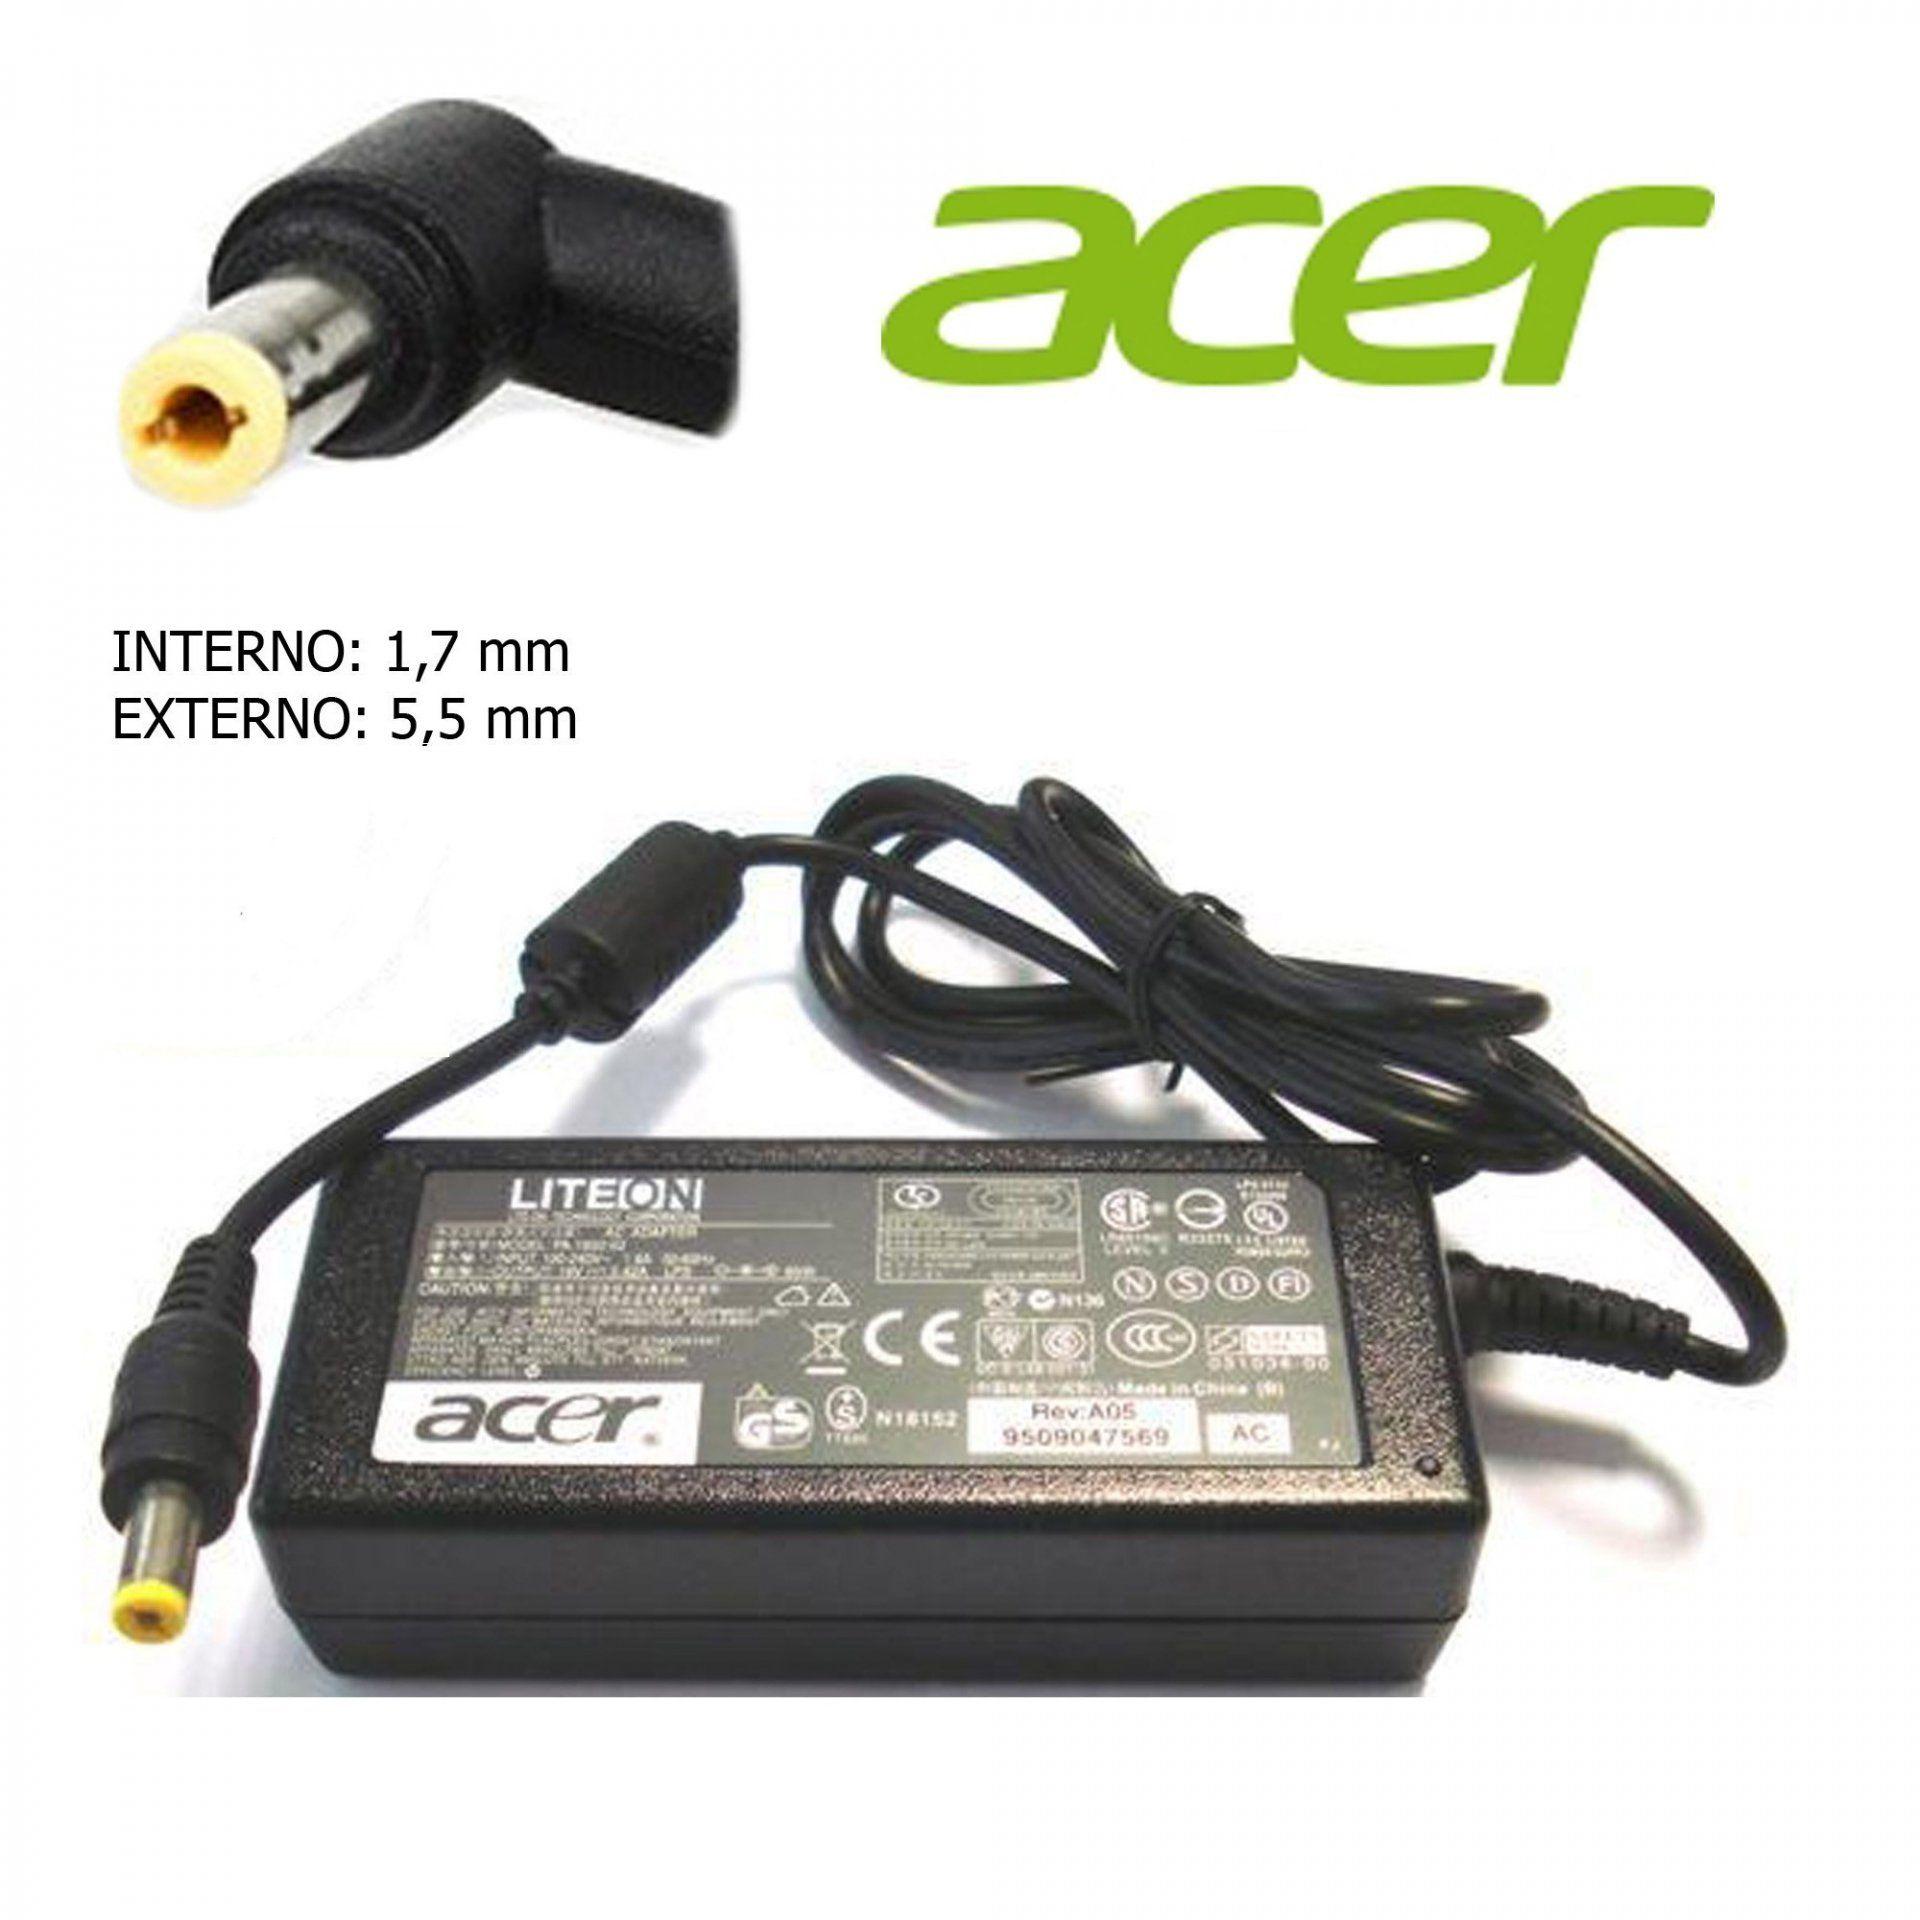 Fonte para Notebook ACER 19V 3.42A 65W Pino 5.5x1.7mm - Compatível